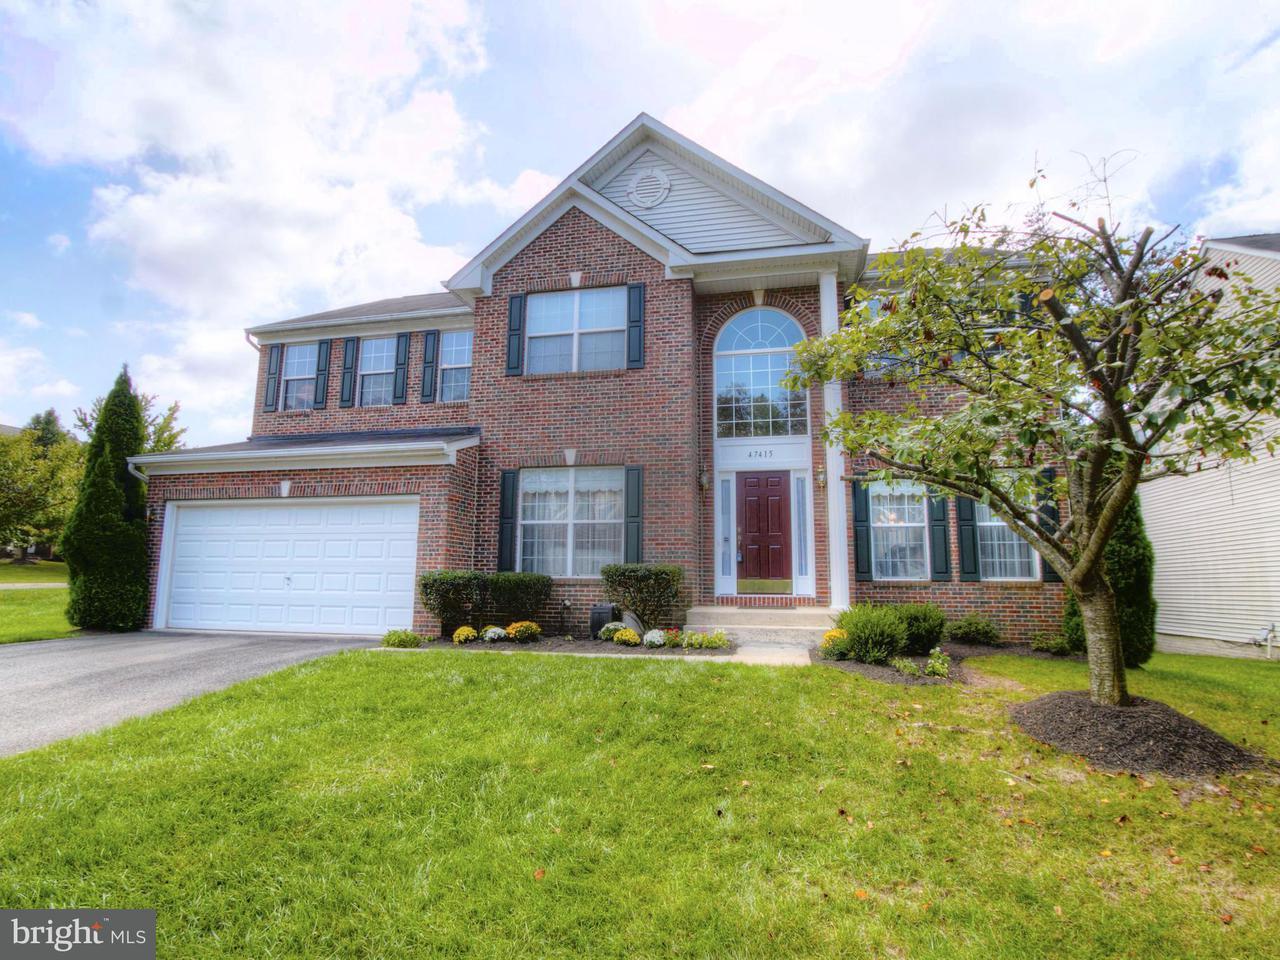 Частный односемейный дом для того Продажа на 47415 HALCYON Place 47415 HALCYON Place Potomac Falls, Виргиния 20165 Соединенные Штаты